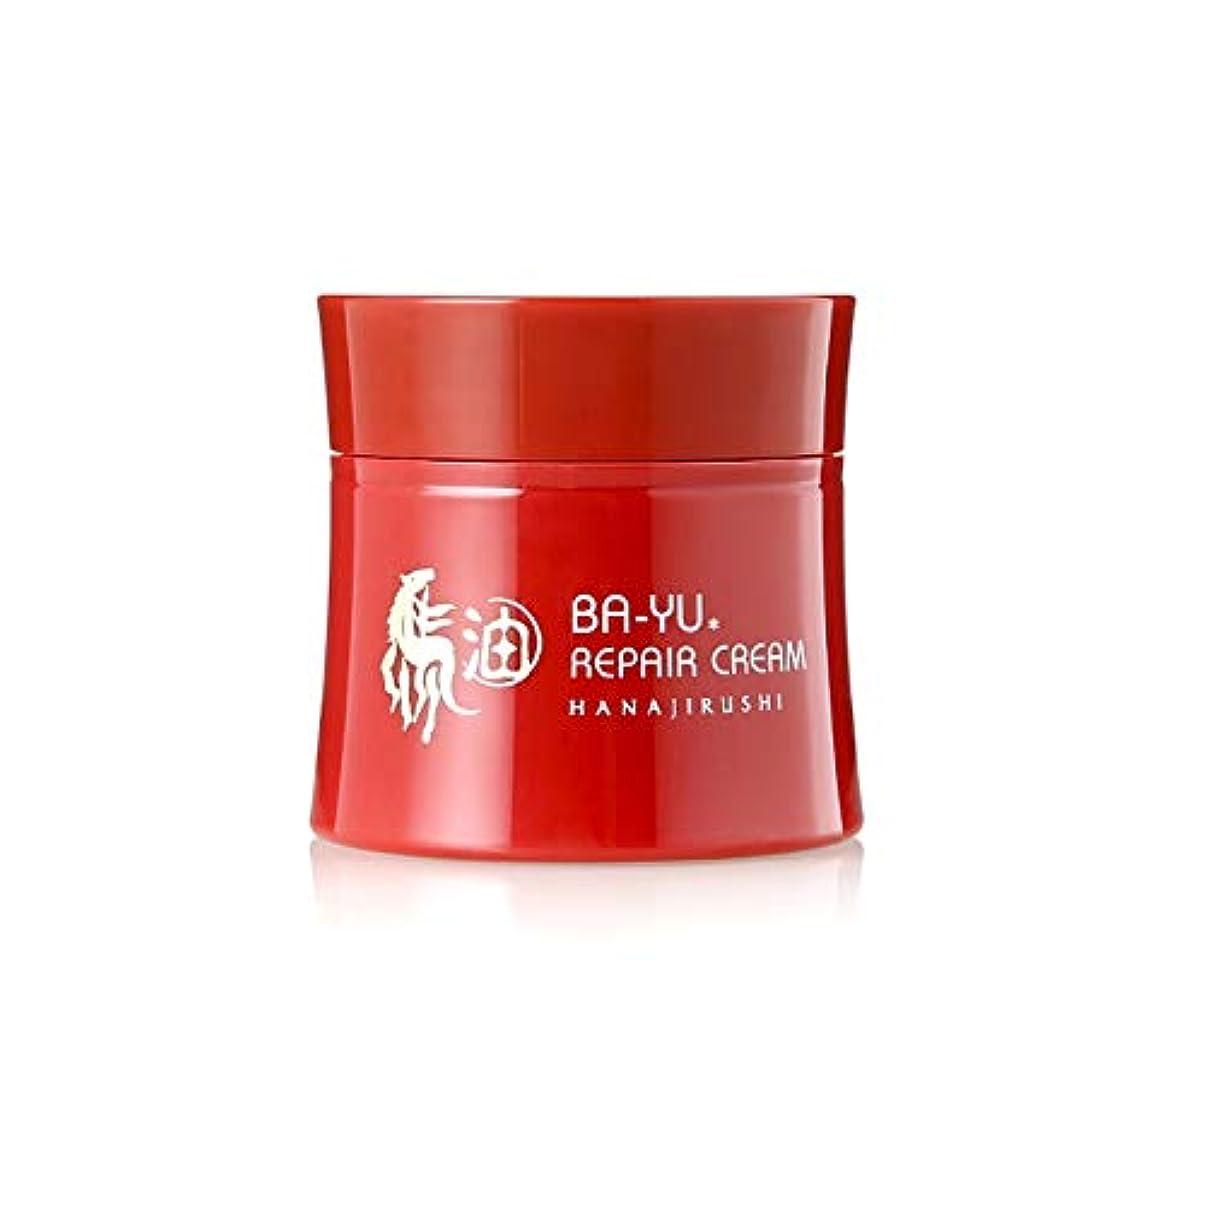 ケイ素本土レンズ花印モイスチュア リペア美容クリーム50g<馬油配合>浸透型保湿クリーム 顔&体用